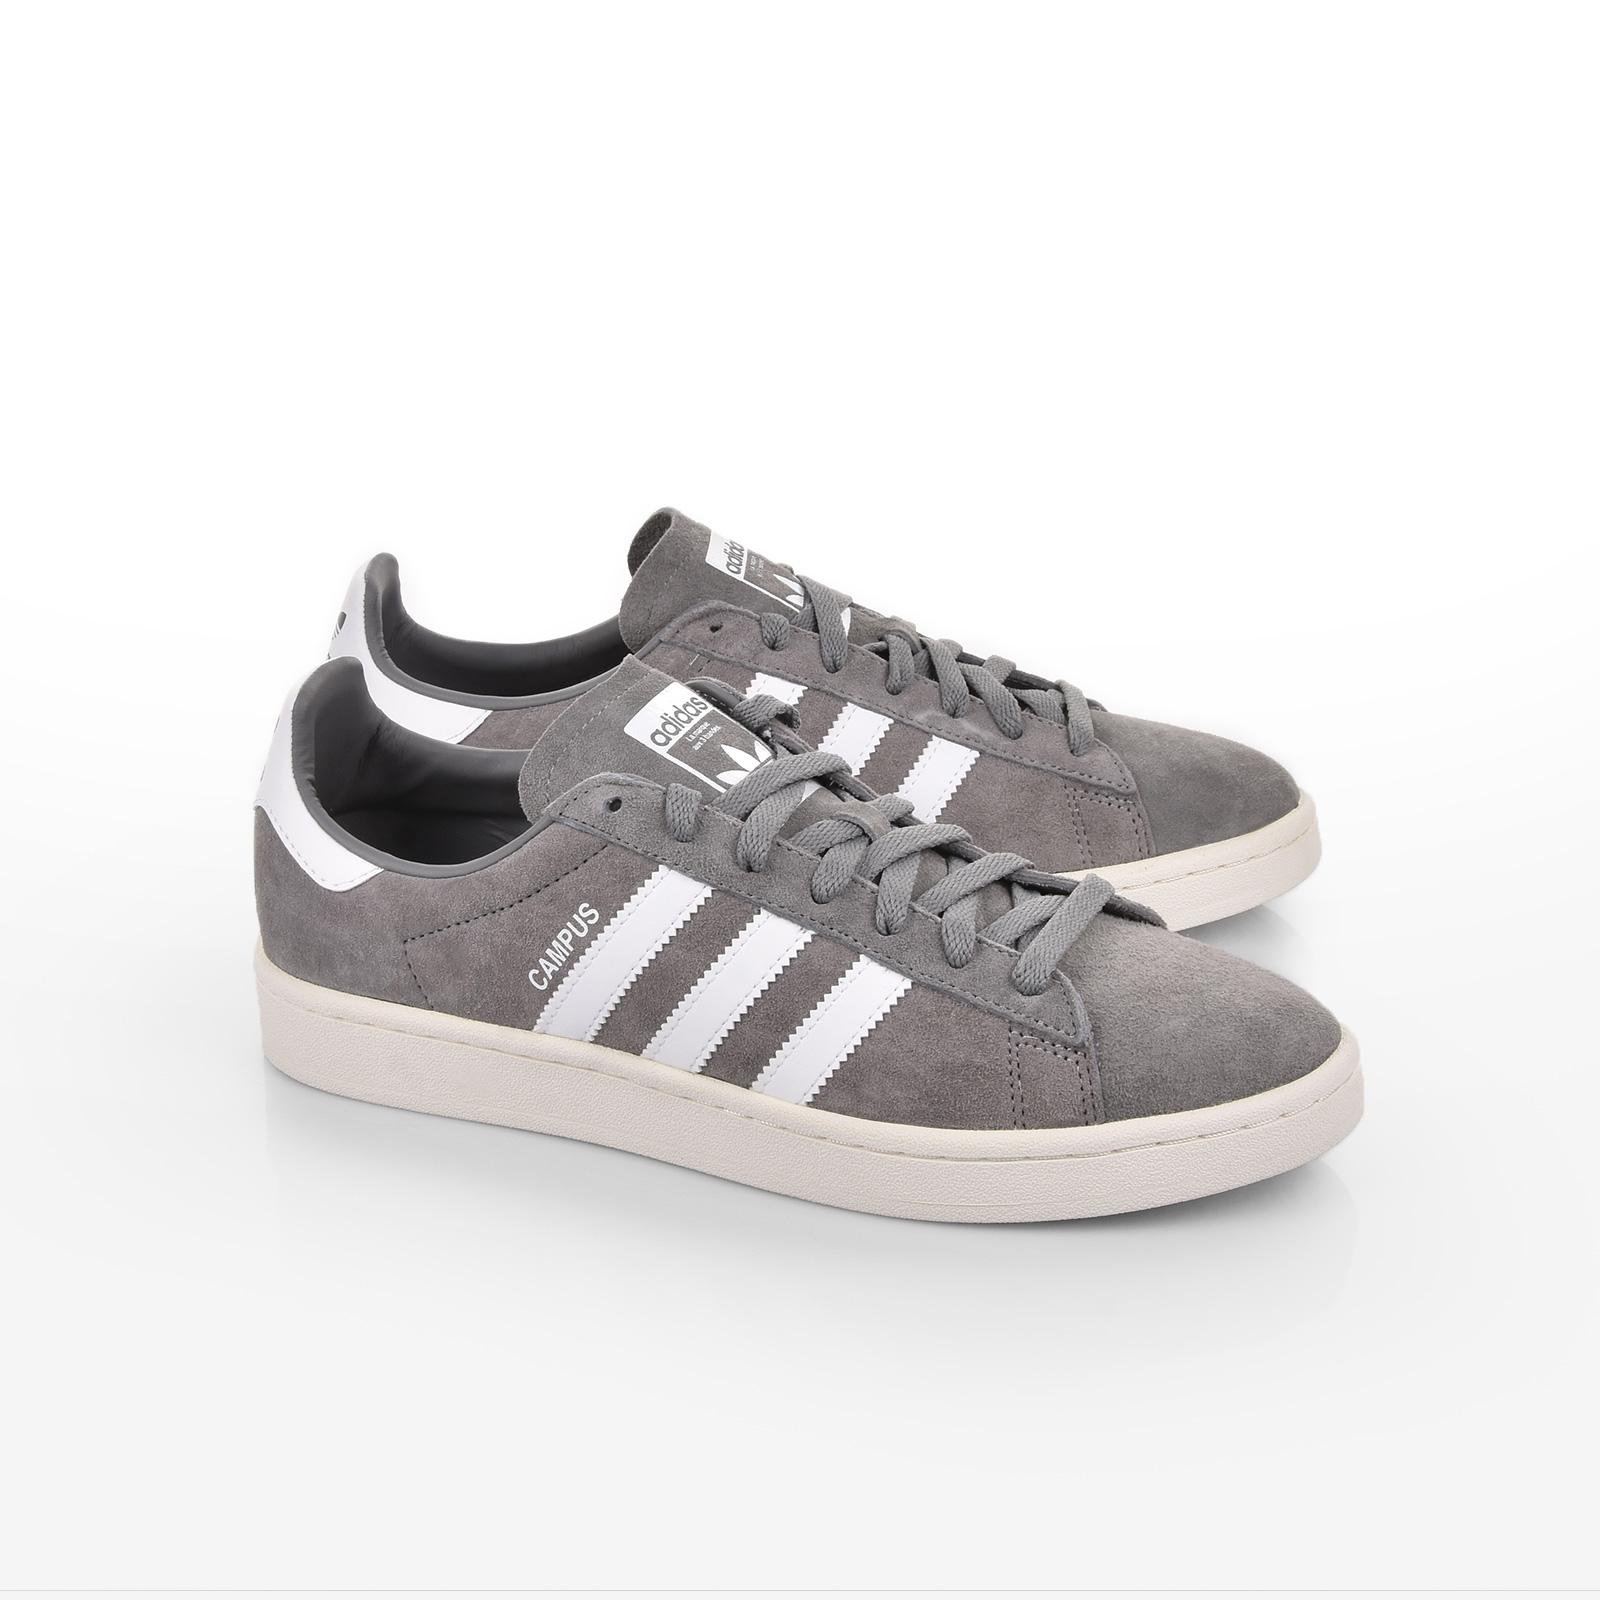 Παπούτσια GRETHR χρώμα EXEM SHOES | EXEM SHOES